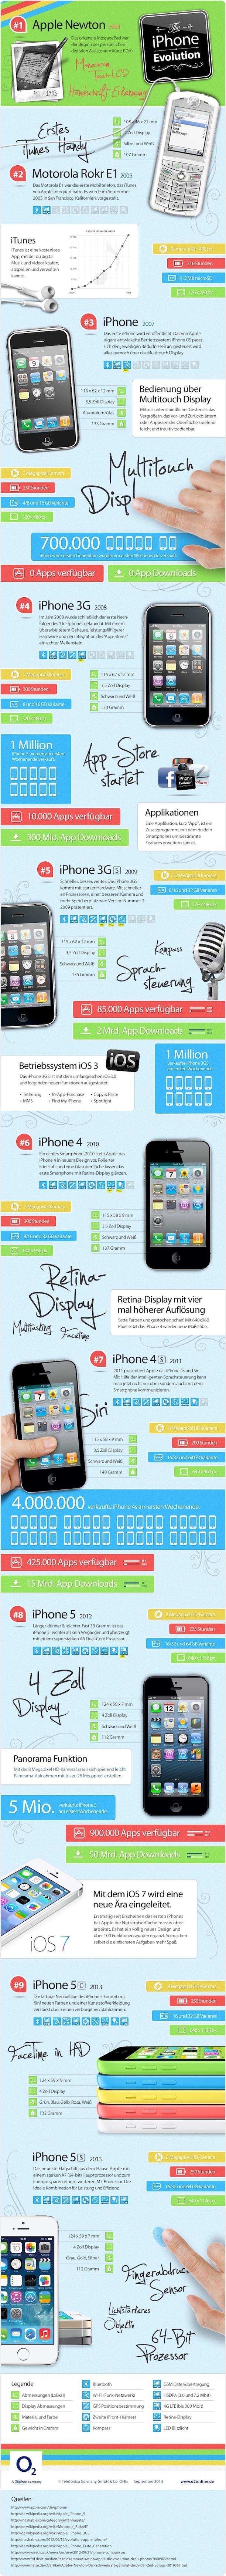 Infografik: Die iPhone Evolution bis zum 5C & 5S